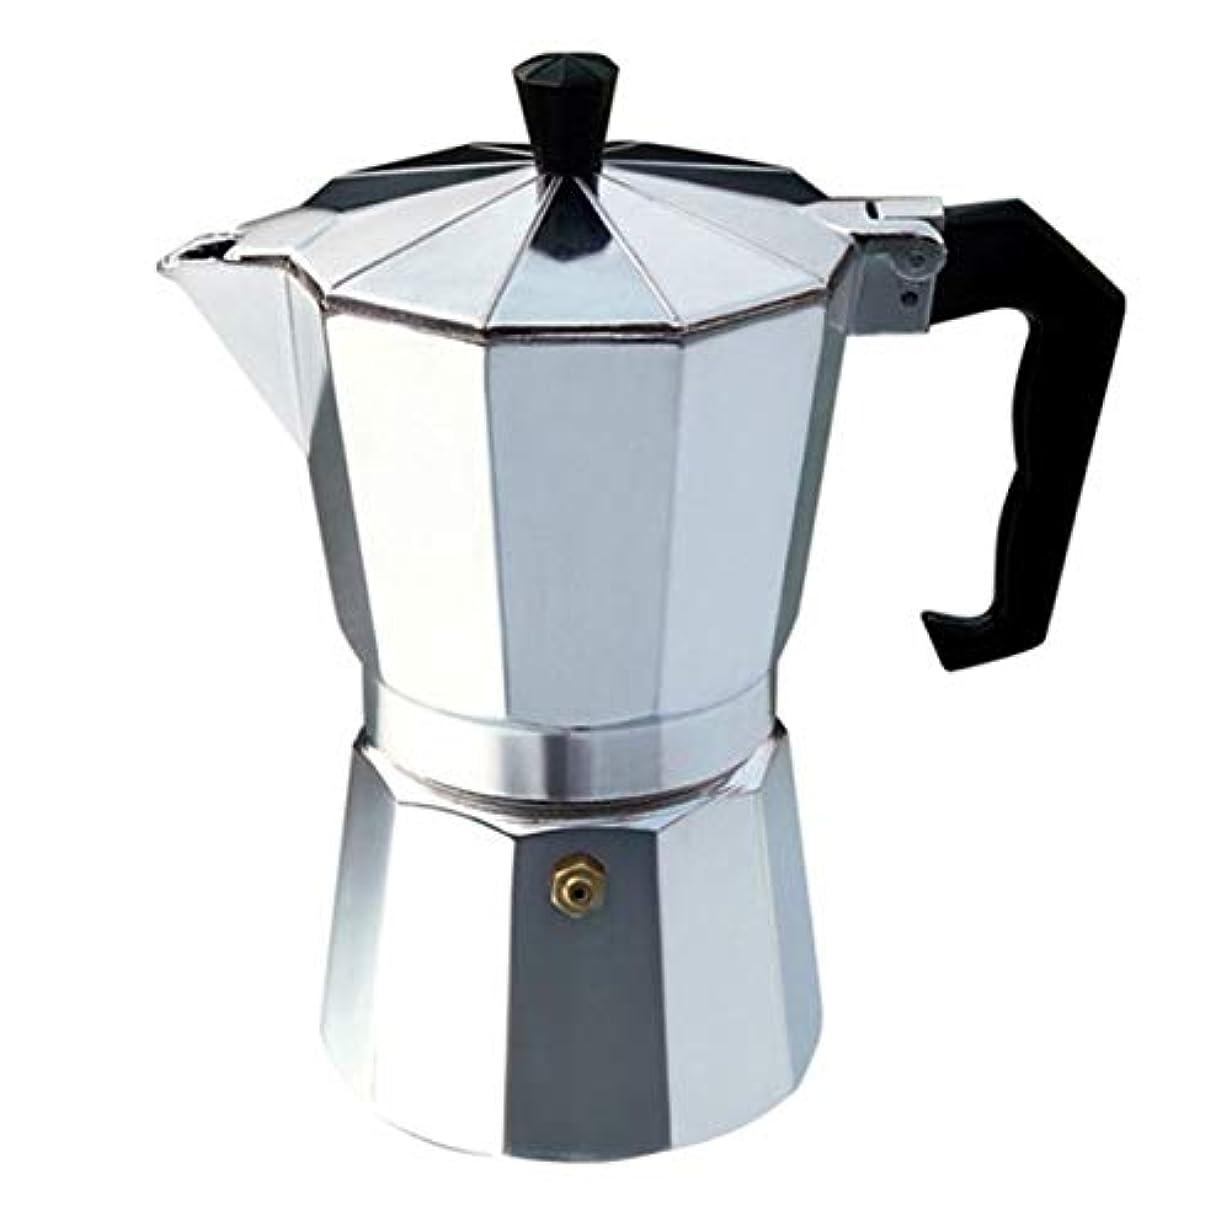 退院配送アーサーコナンドイルSaikogoods ナガXuefeiイタリアコーヒーブラックコーヒーモカコーヒー 実用的なギフト 簡単にクリーンアップするためにアルミ真岡鍋 Octangleコーヒーメーカー 銀 6カップ